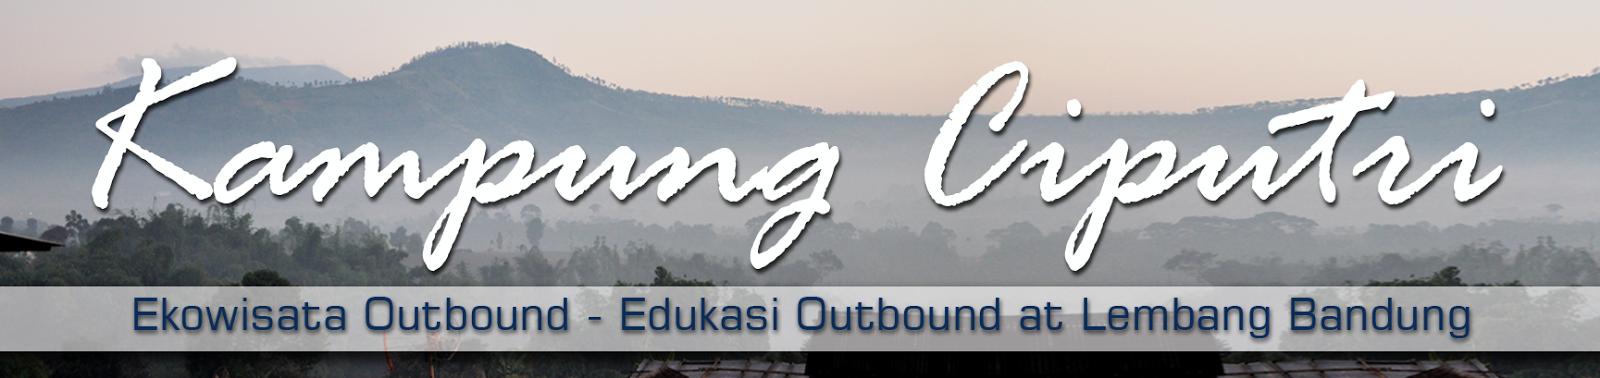 WELCOME : Outbound Ekowisata Kampung Ciputri Lembang Bandung